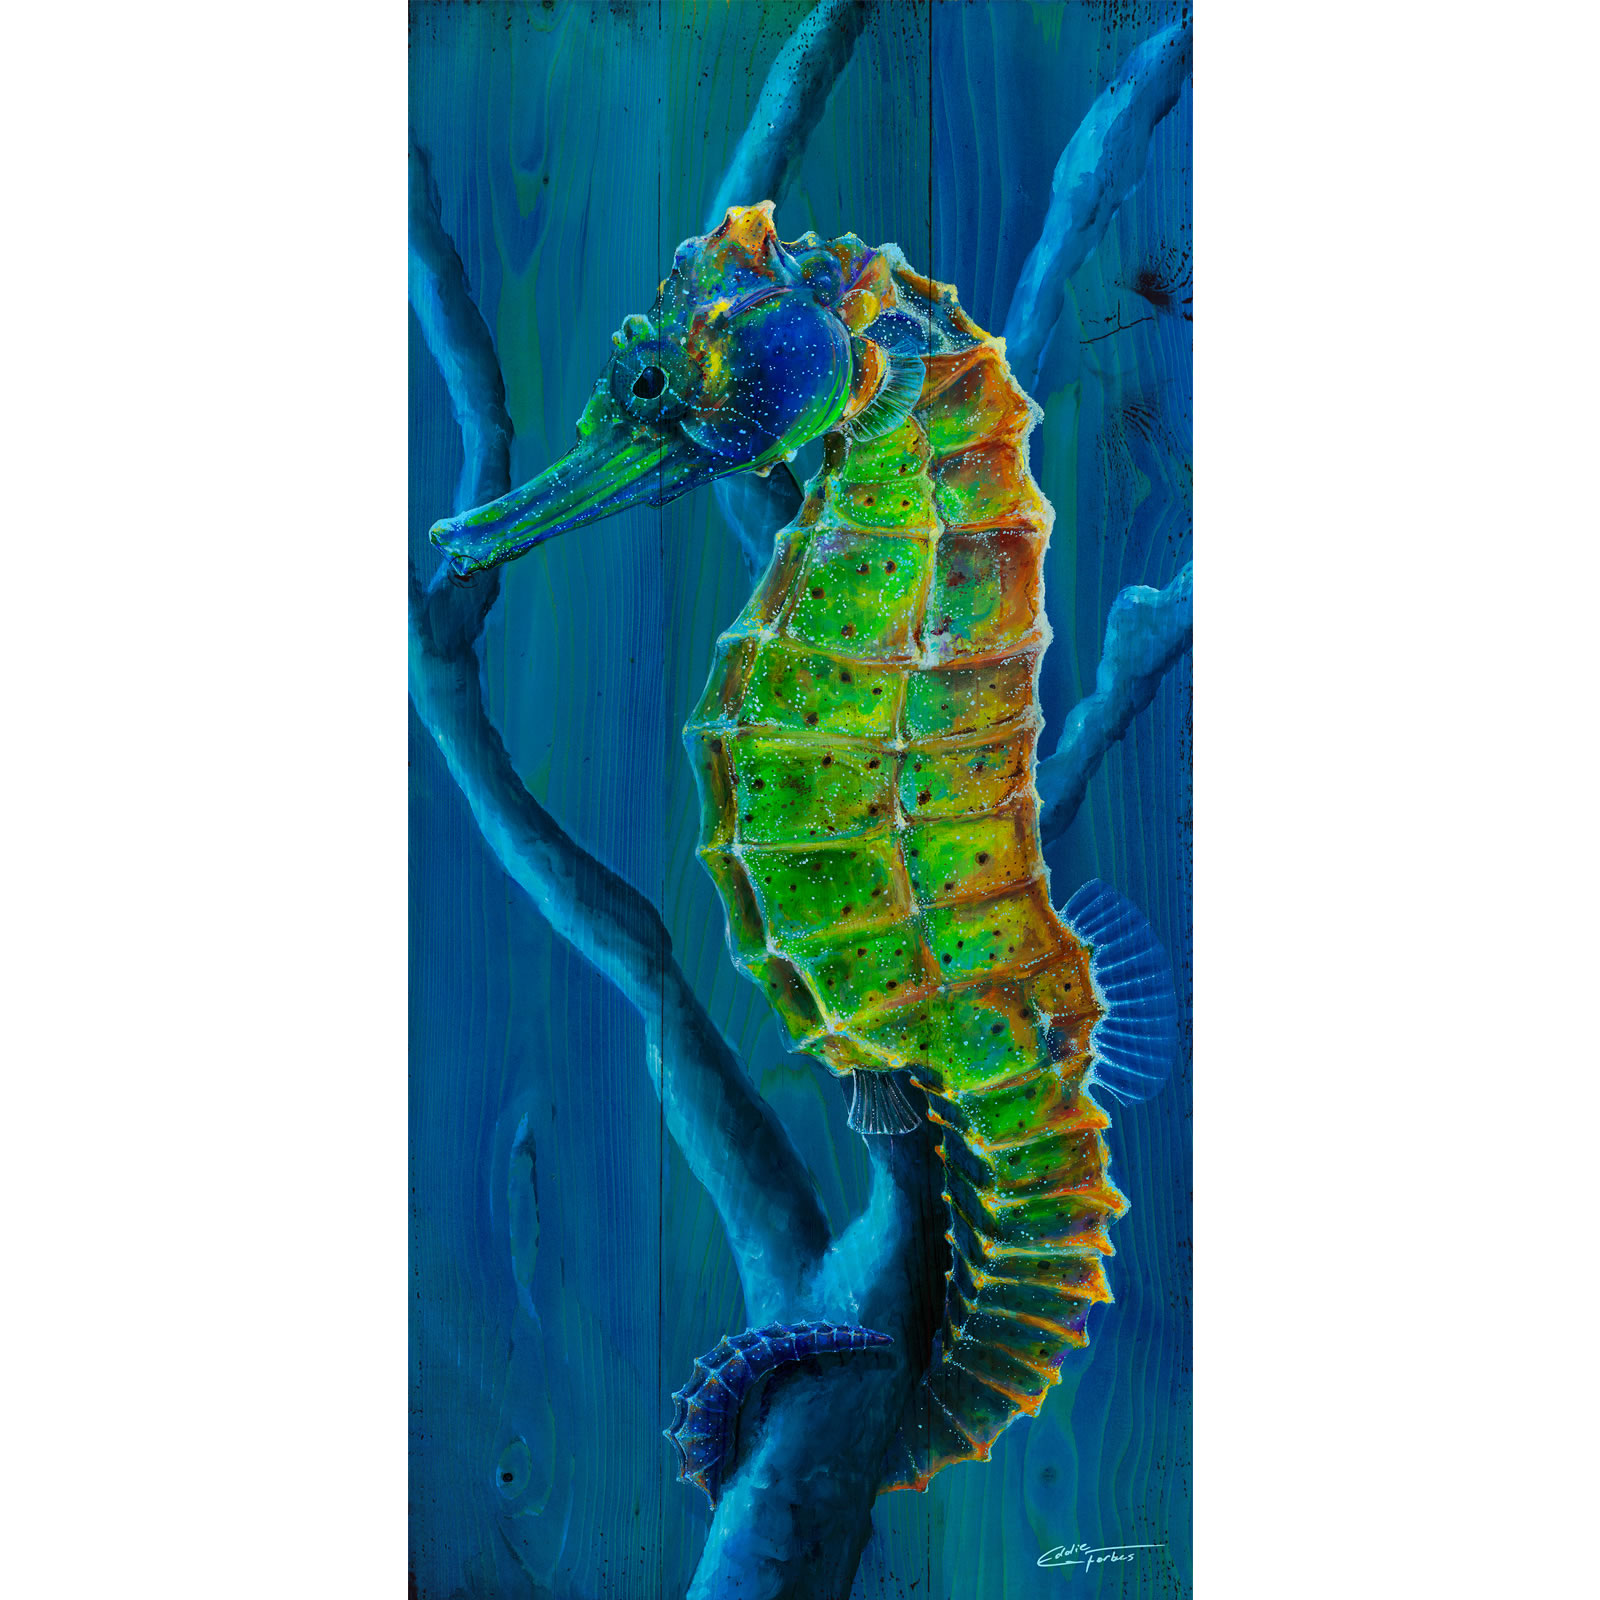 seahorse eddie forbes arteddie forbes art